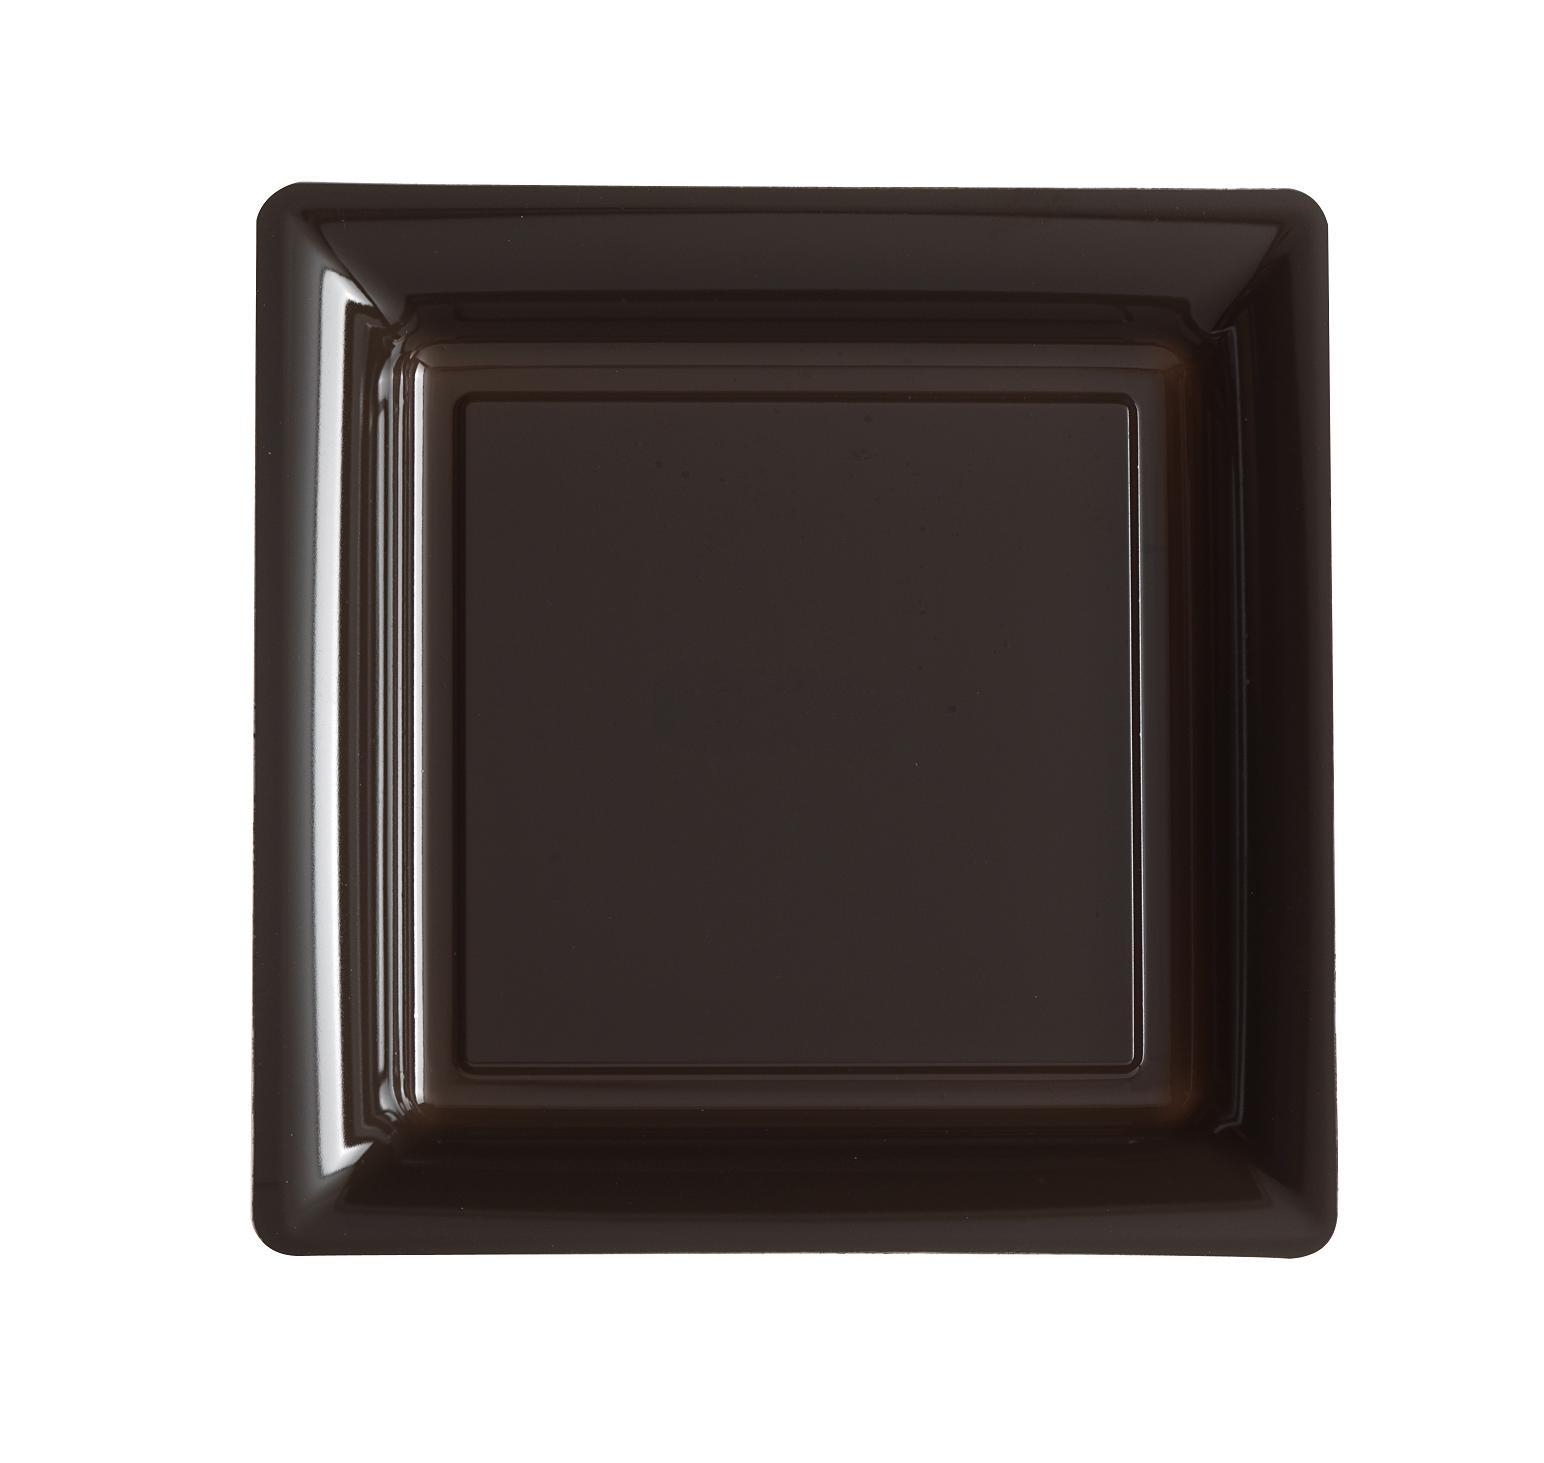 ASSIETTE JETABLE CHOCOLAT 24cm